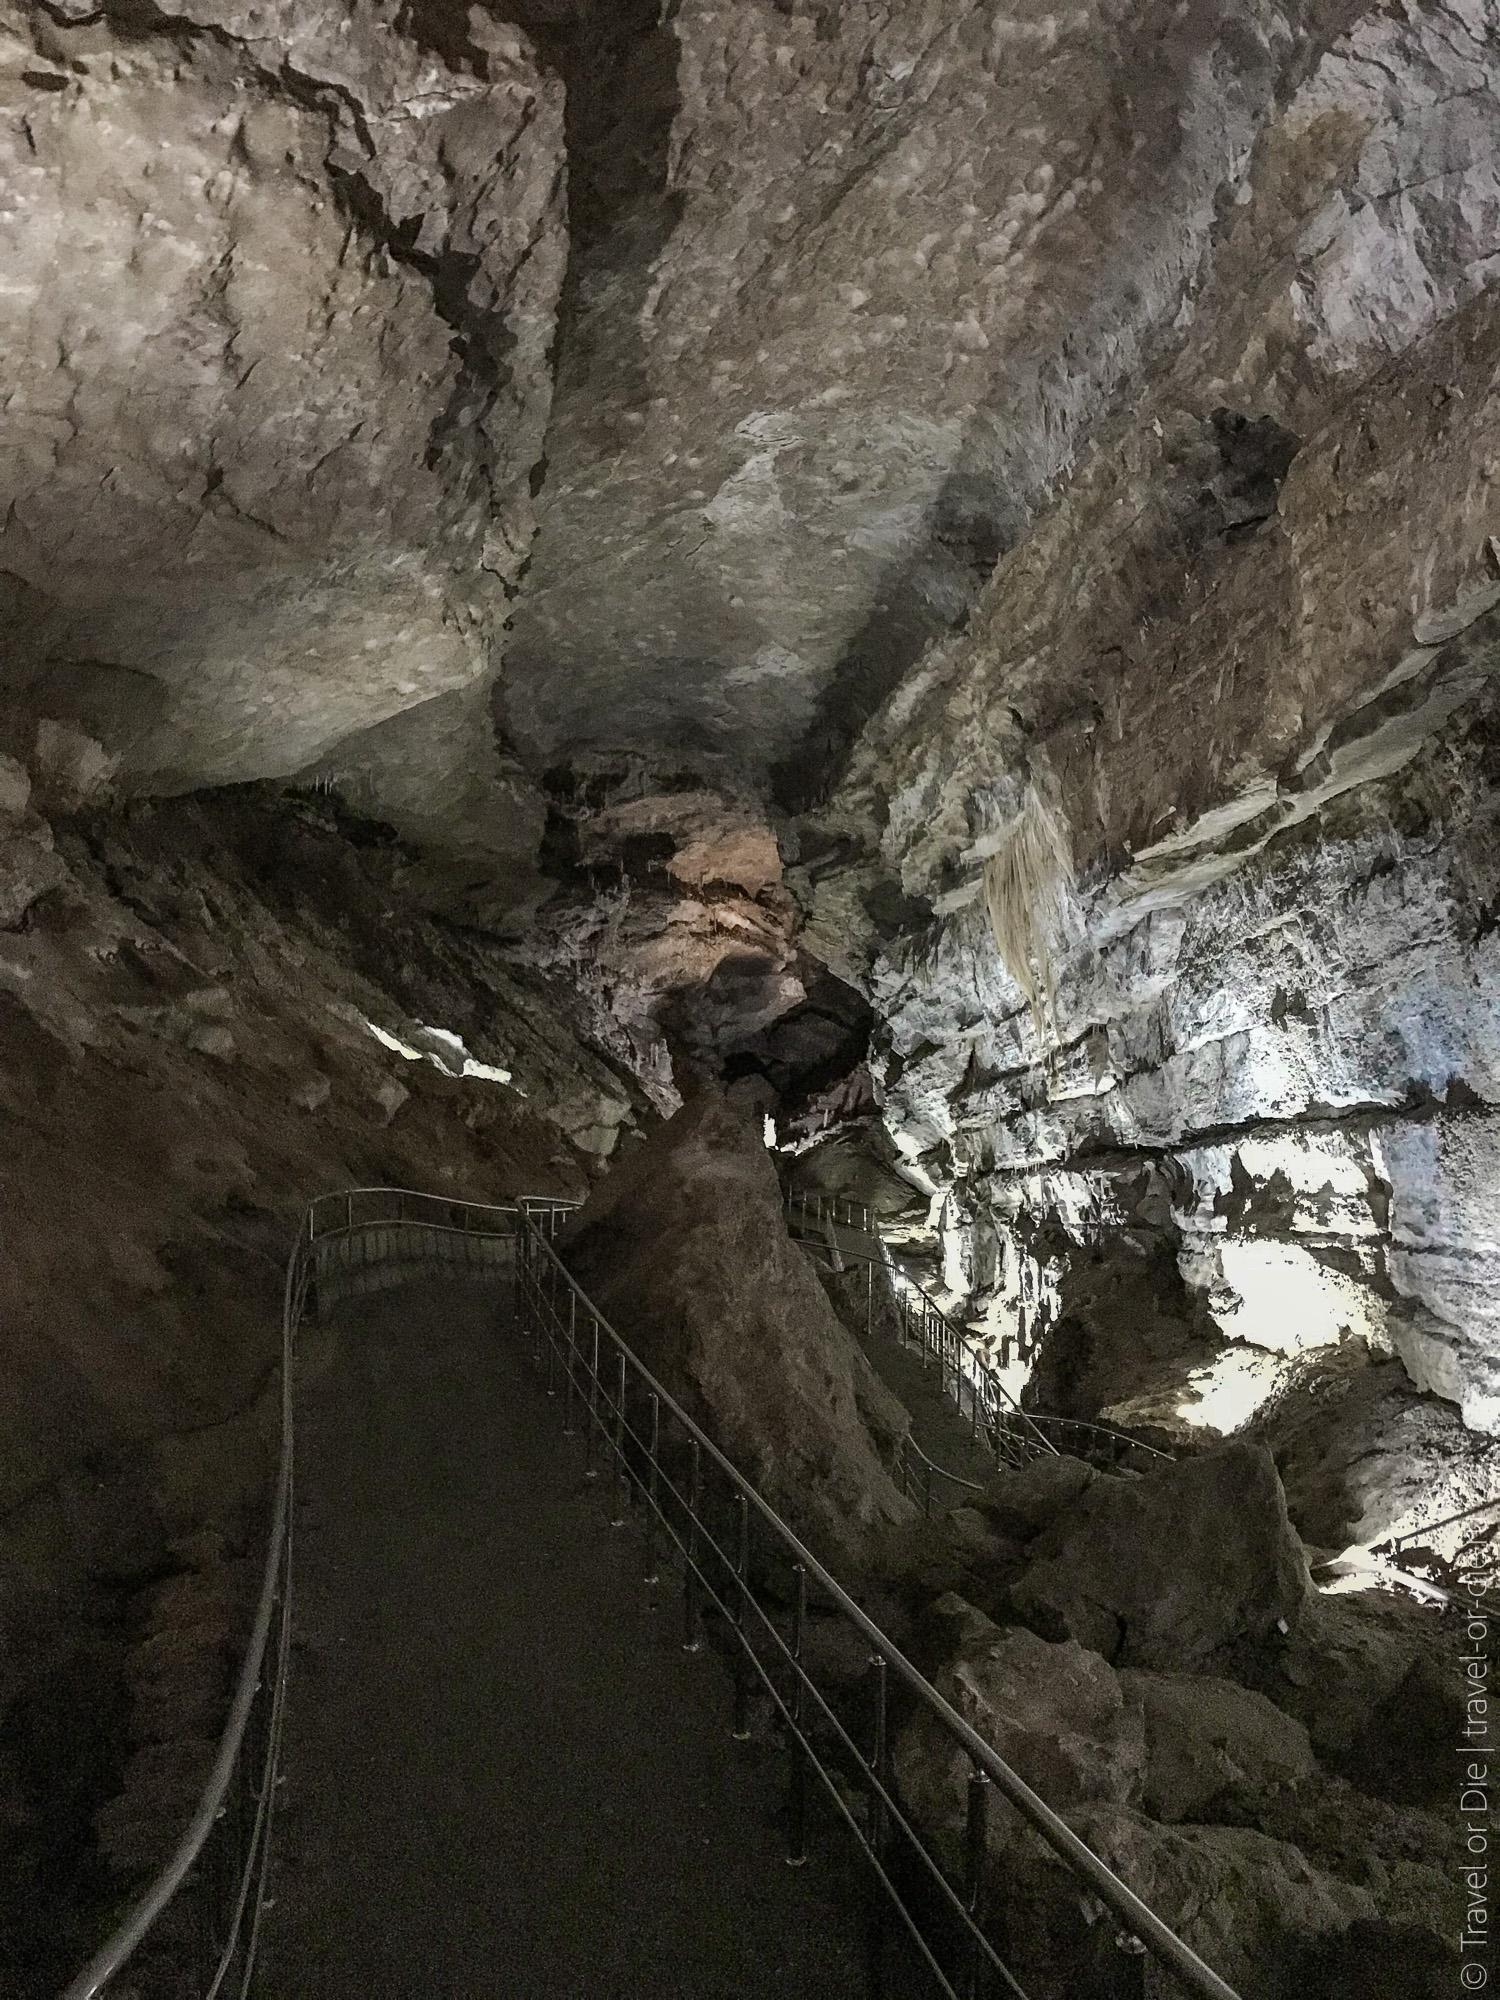 Новоафонская-Пещера-Абхазия-New-Athos-Cave-Abkhazia-7830